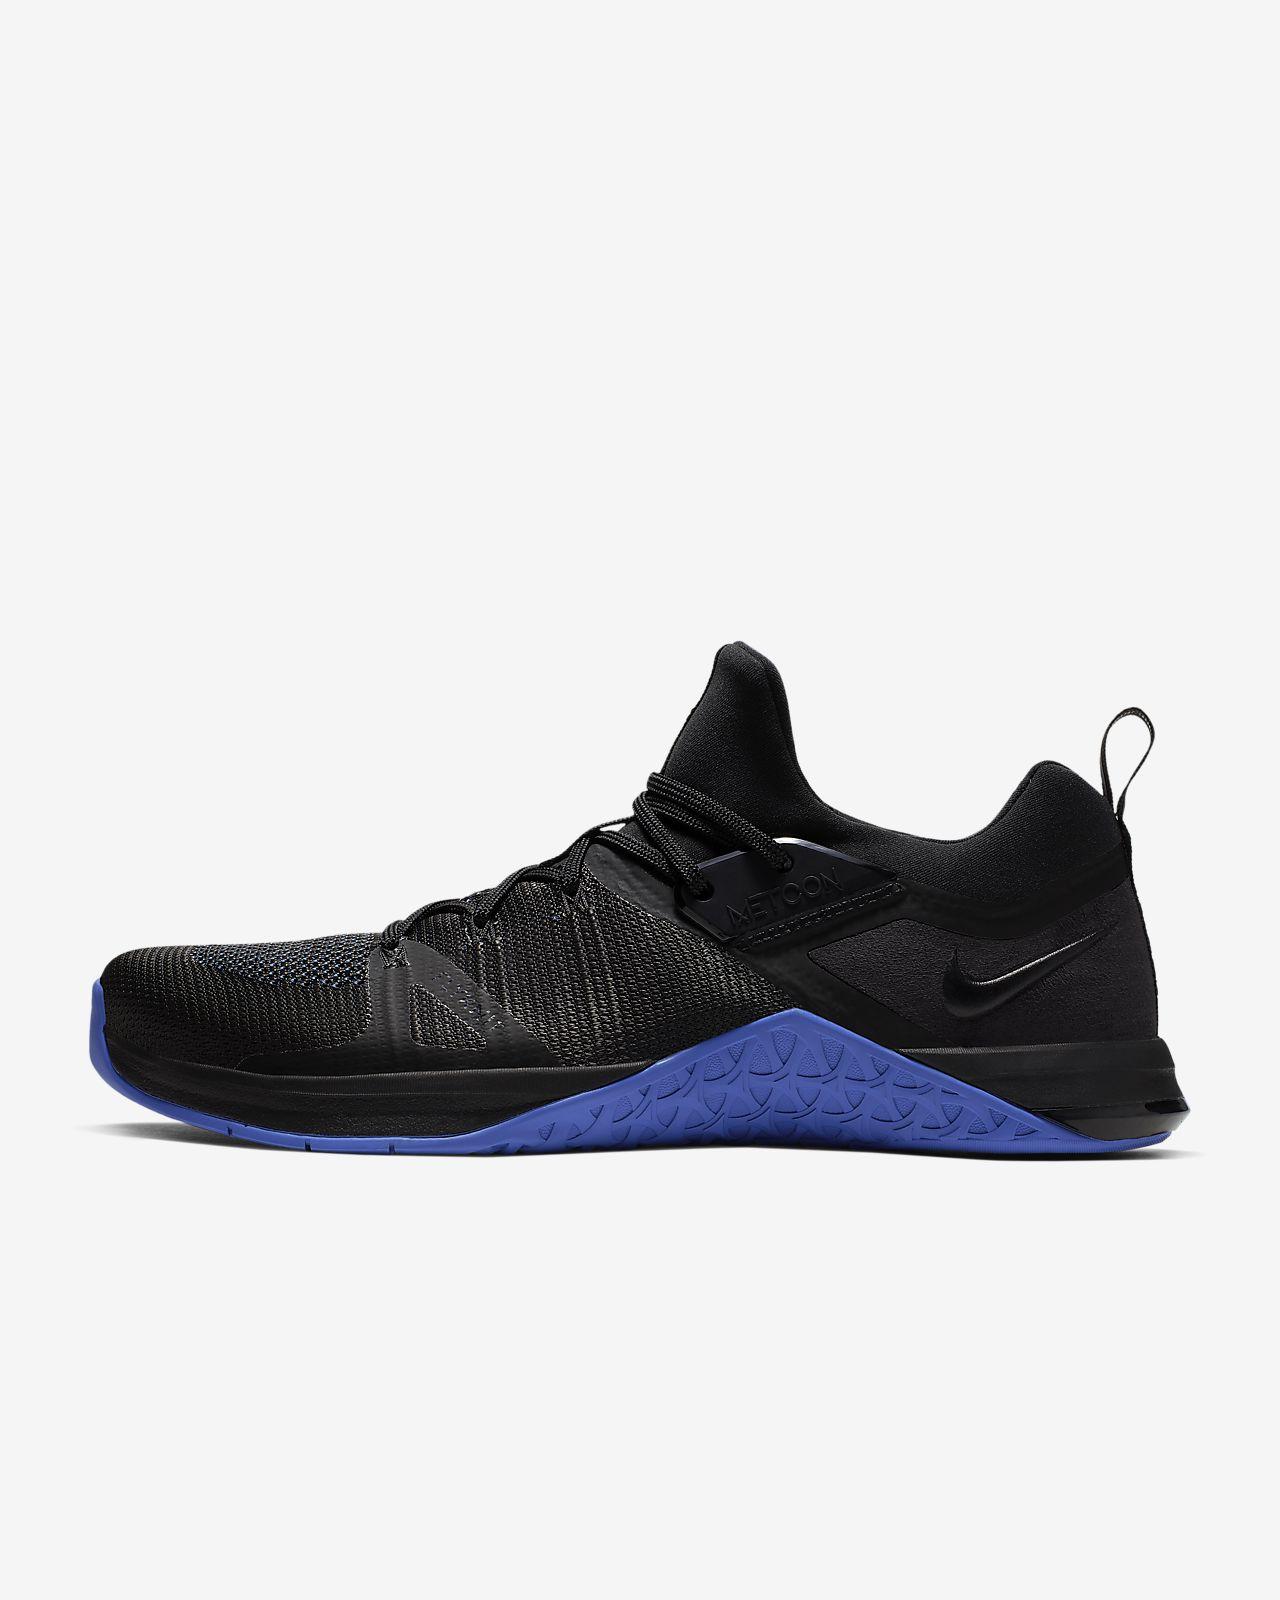 Nike Metcon Flyknit 3 Sabatilles de cross-training i aixecament de pesos - Home